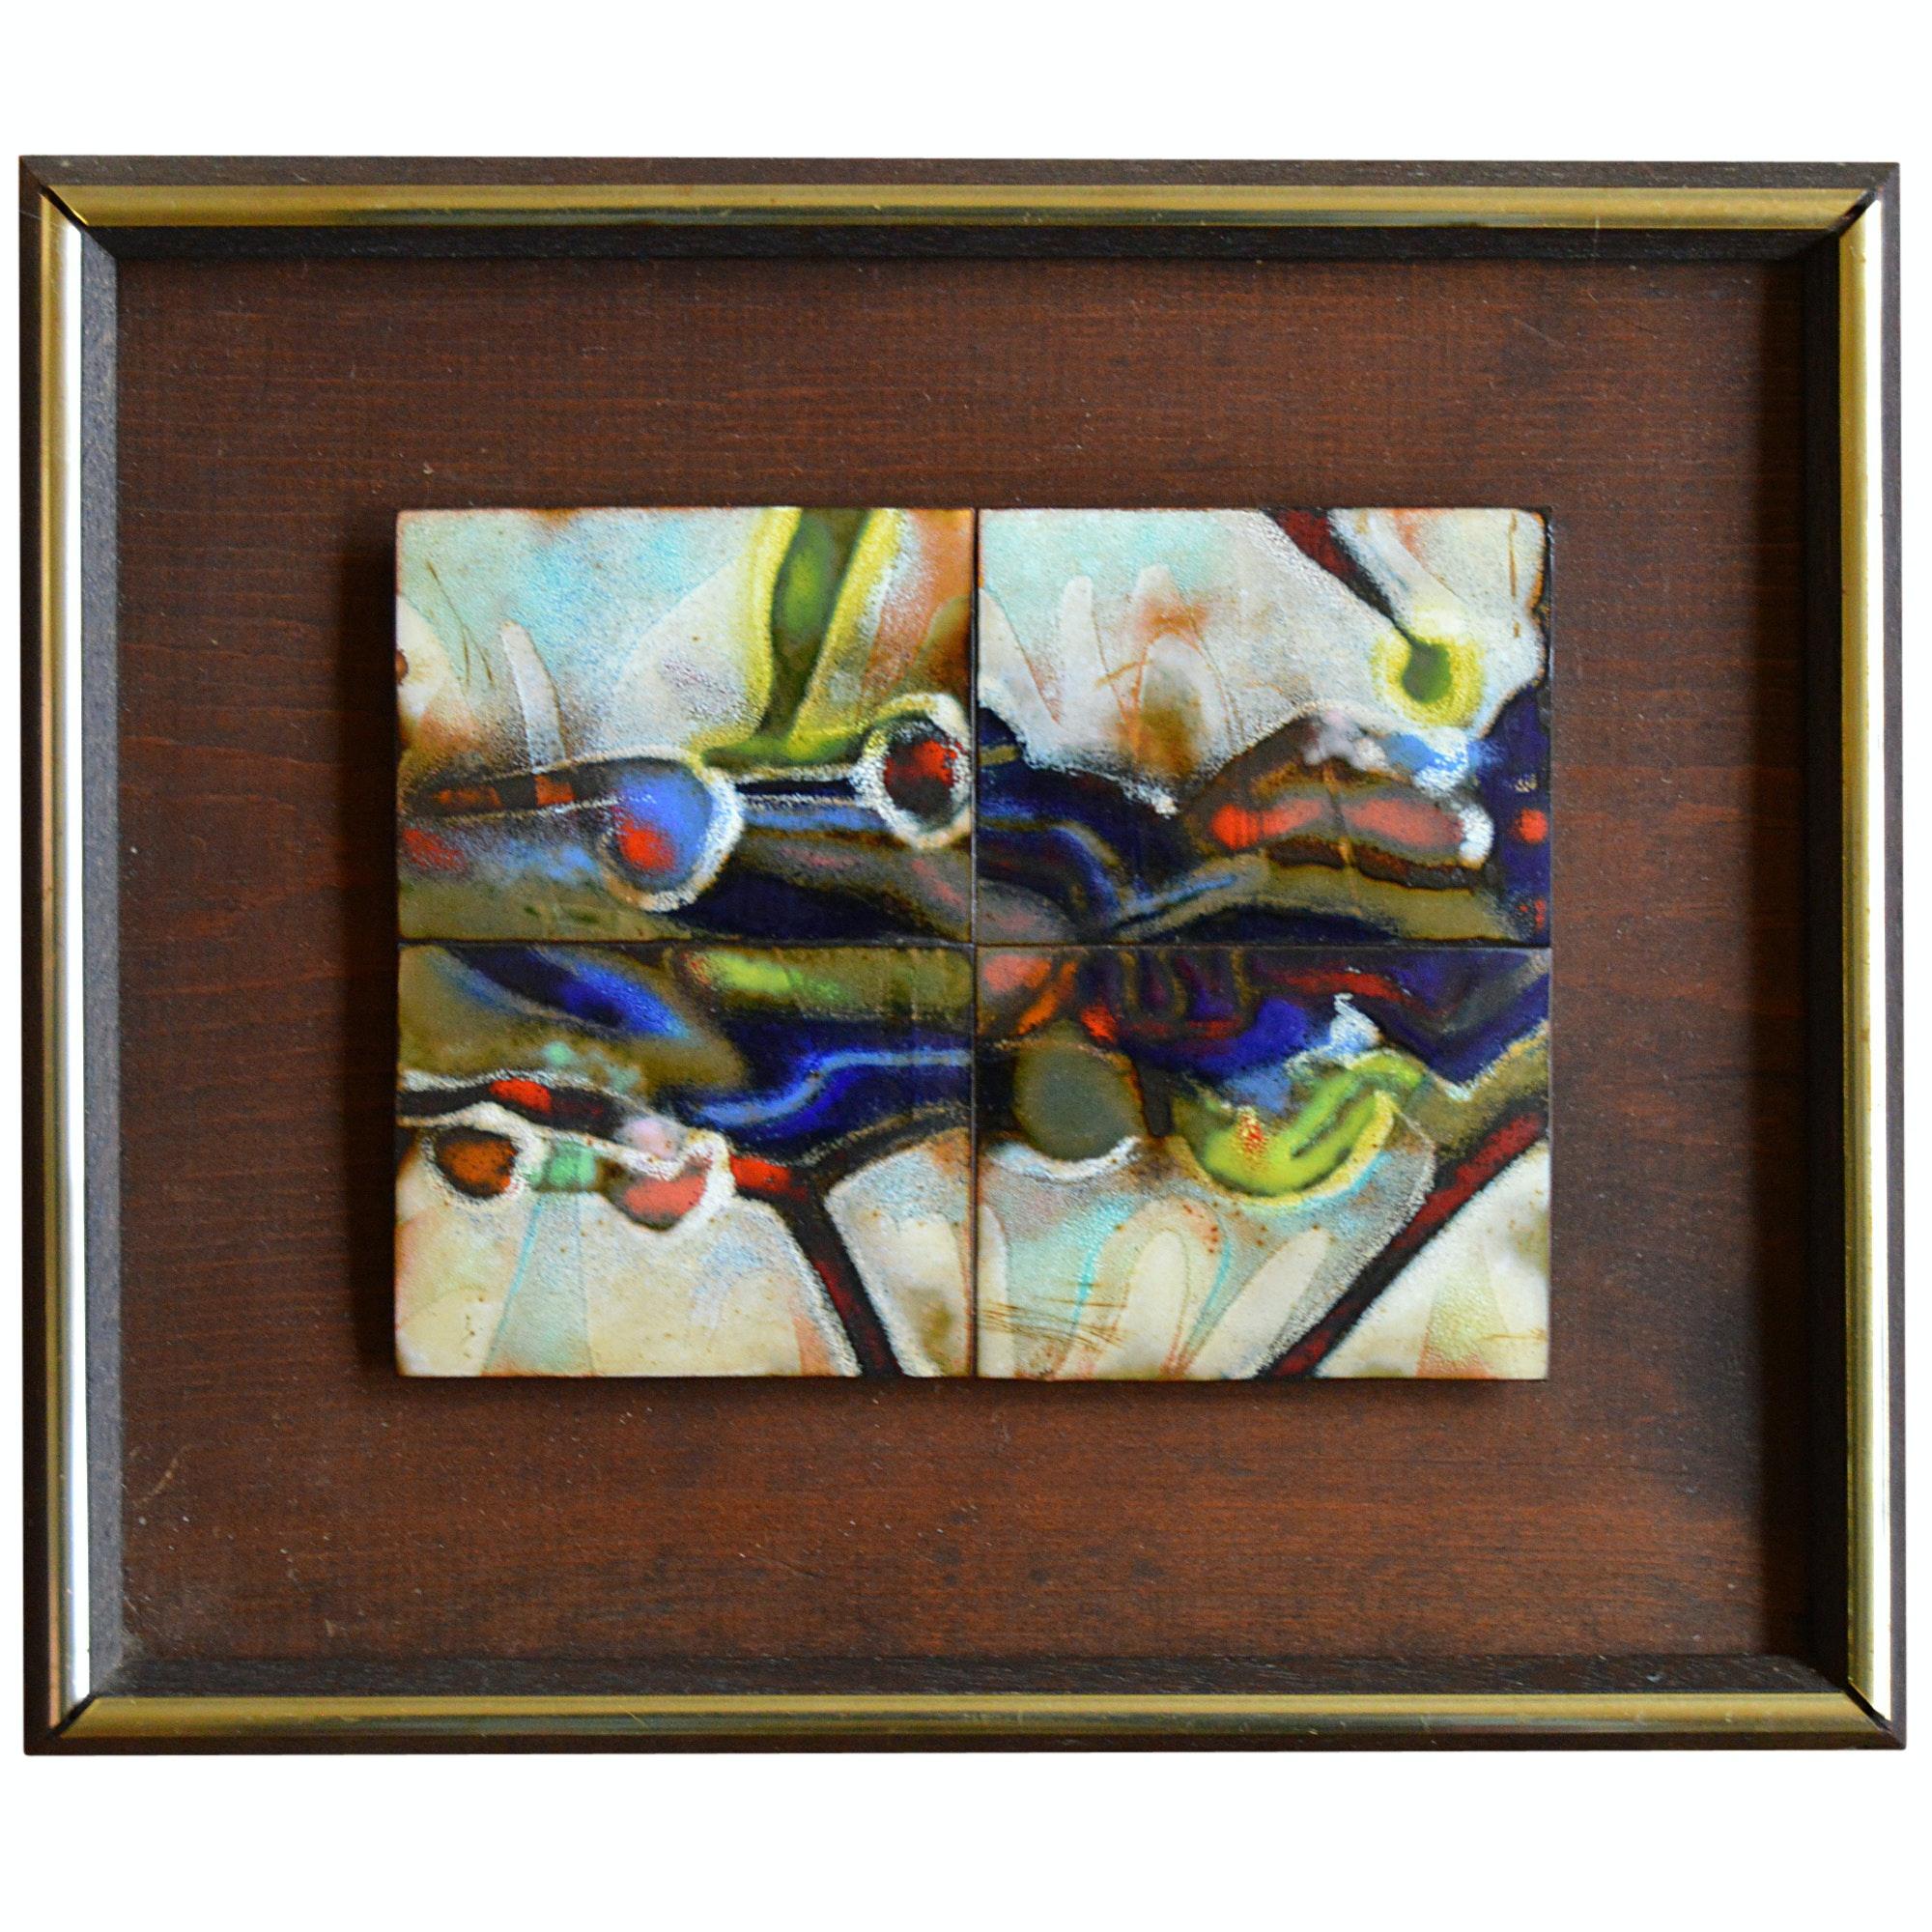 Framed Copper Enamel Tiles